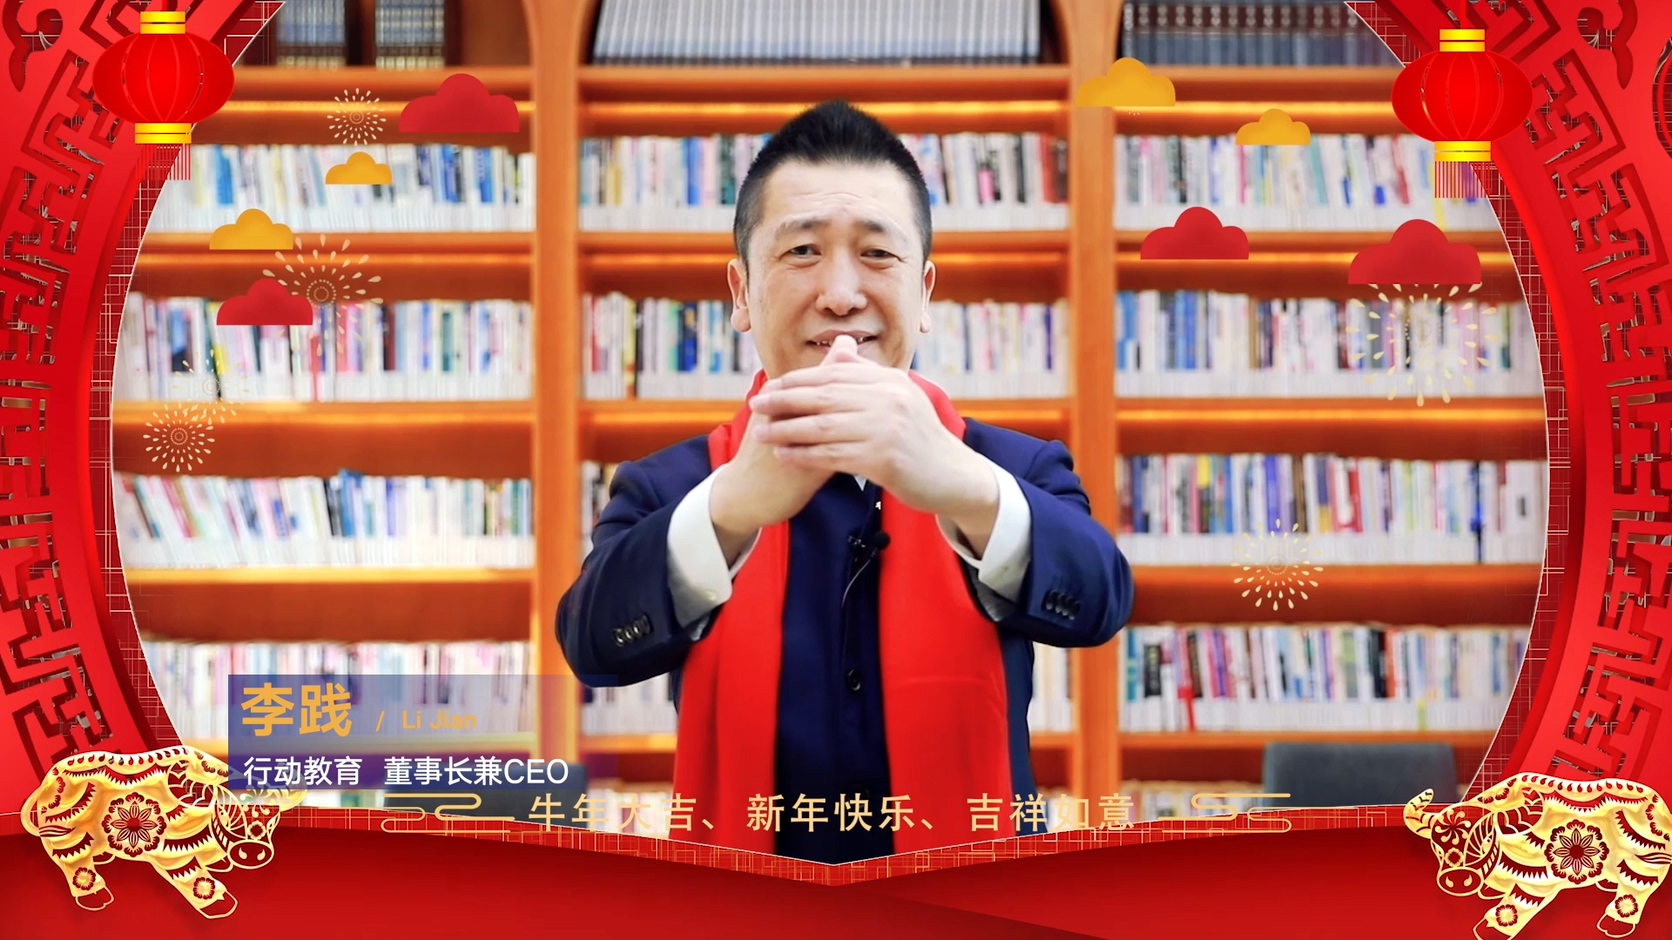 致企业家朋友:行动教育李践老师2021年新春祝福